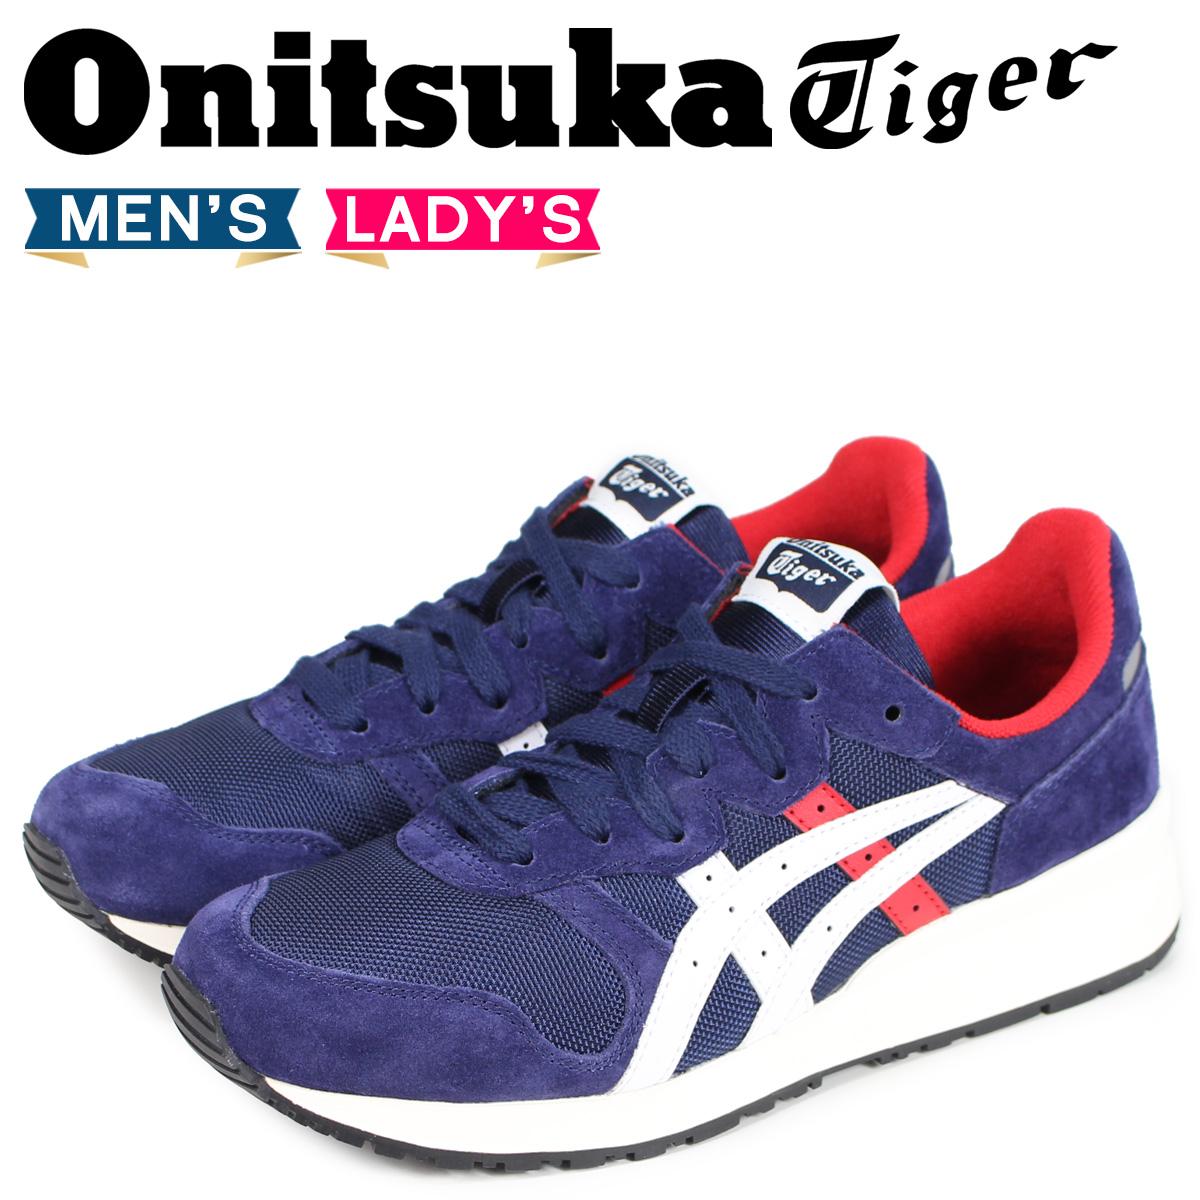 Onitsuka Tiger タイガー アリー オニツカタイガー TIGER ALLY メンズ レディース スニーカー 1183A029-400 ネイビー